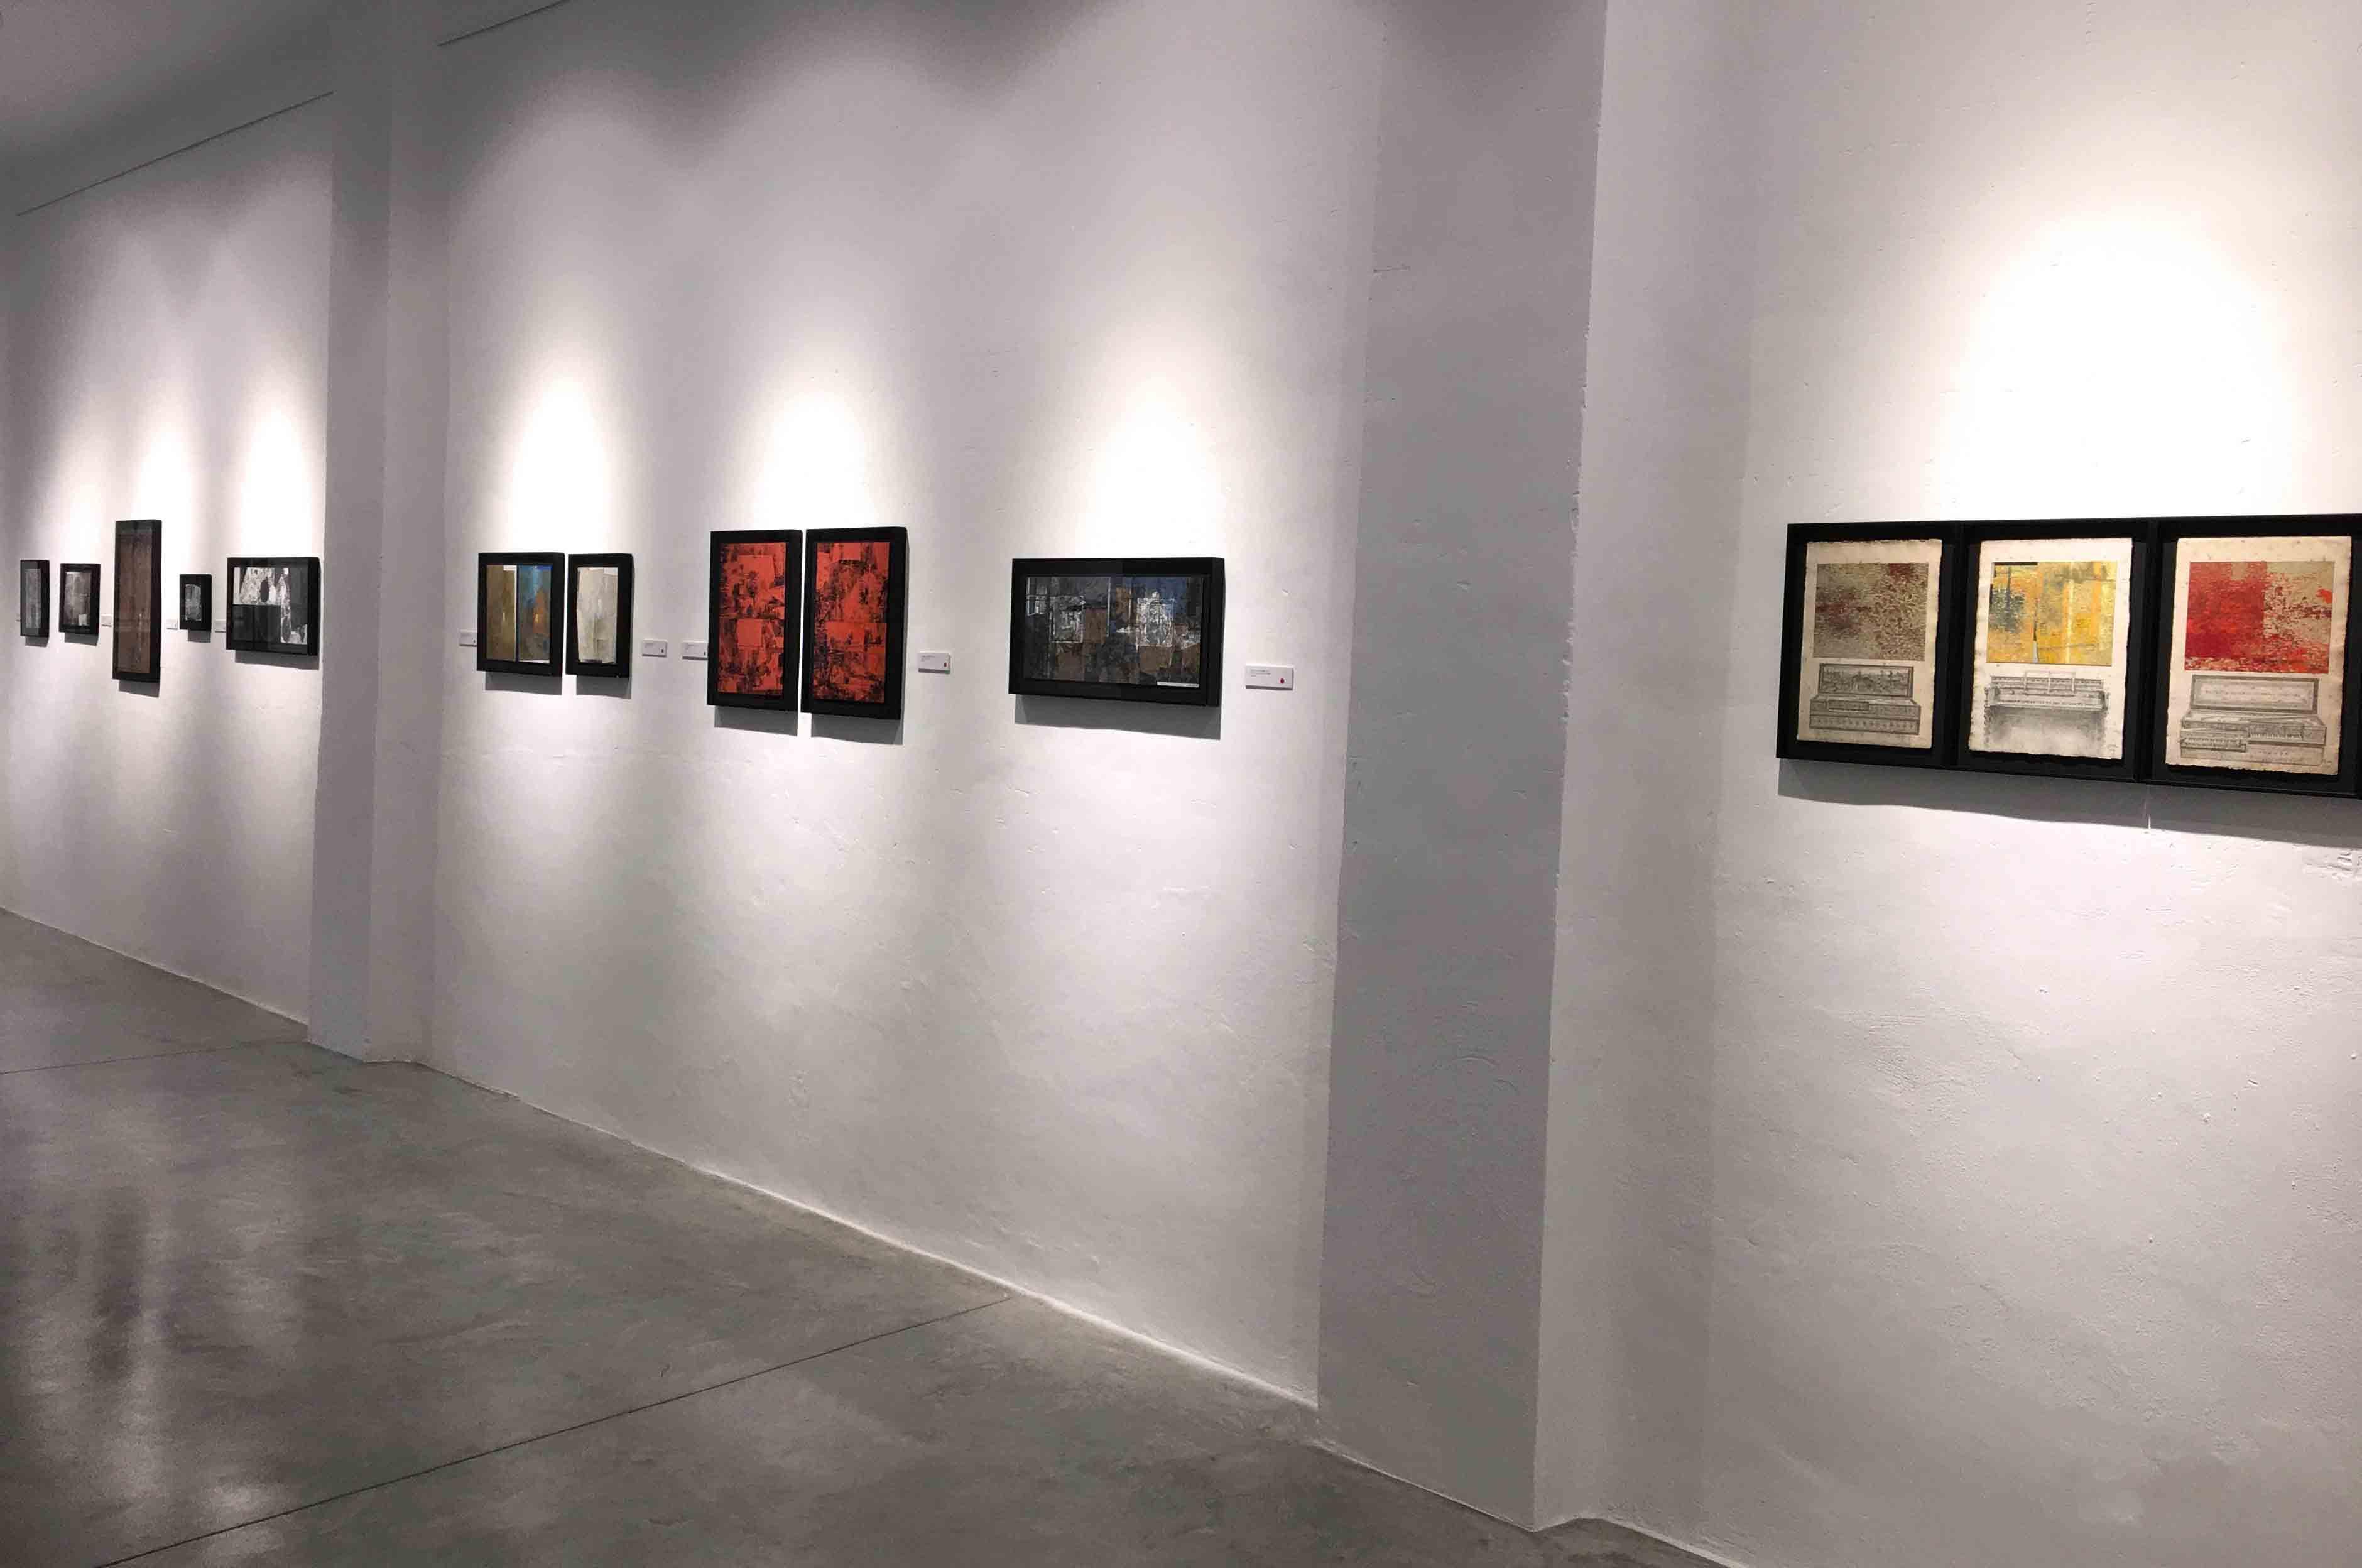 Exposiciones Murcia. La Carpeta de Santaballa. Vicente Martínez Gadea